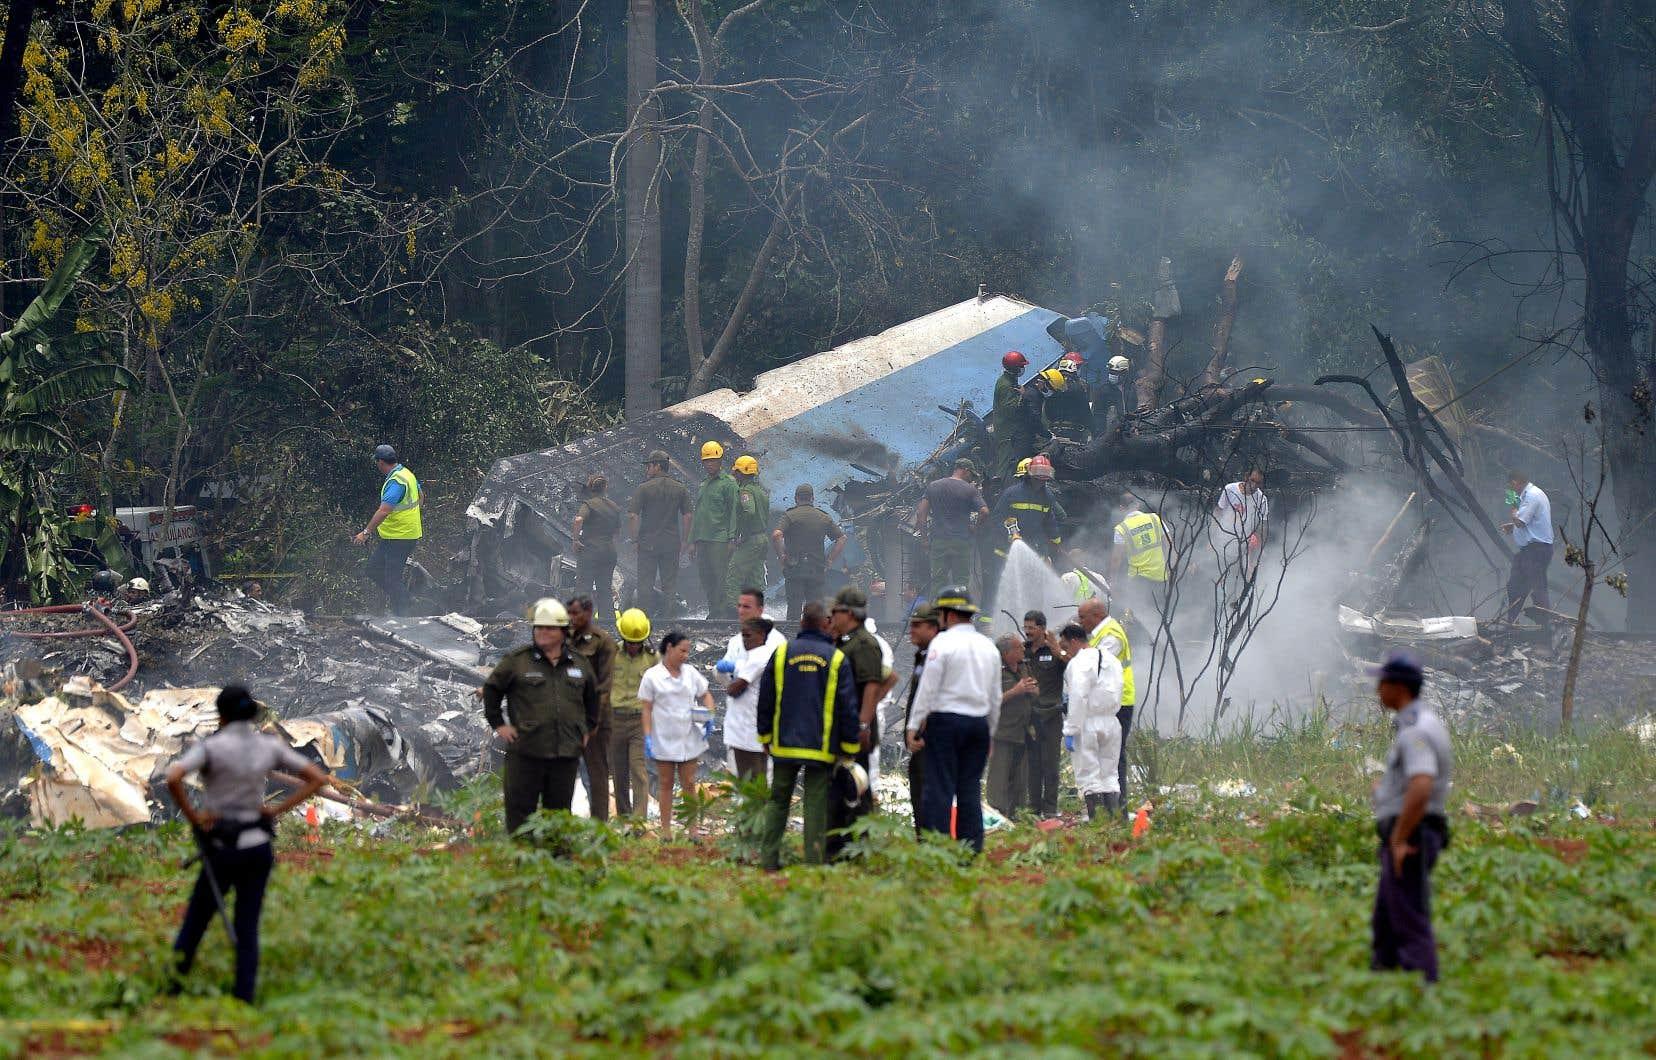 L'avion du transporteur Cubana s'est écrasédans un champ agricole au bout de la piste de décollage.